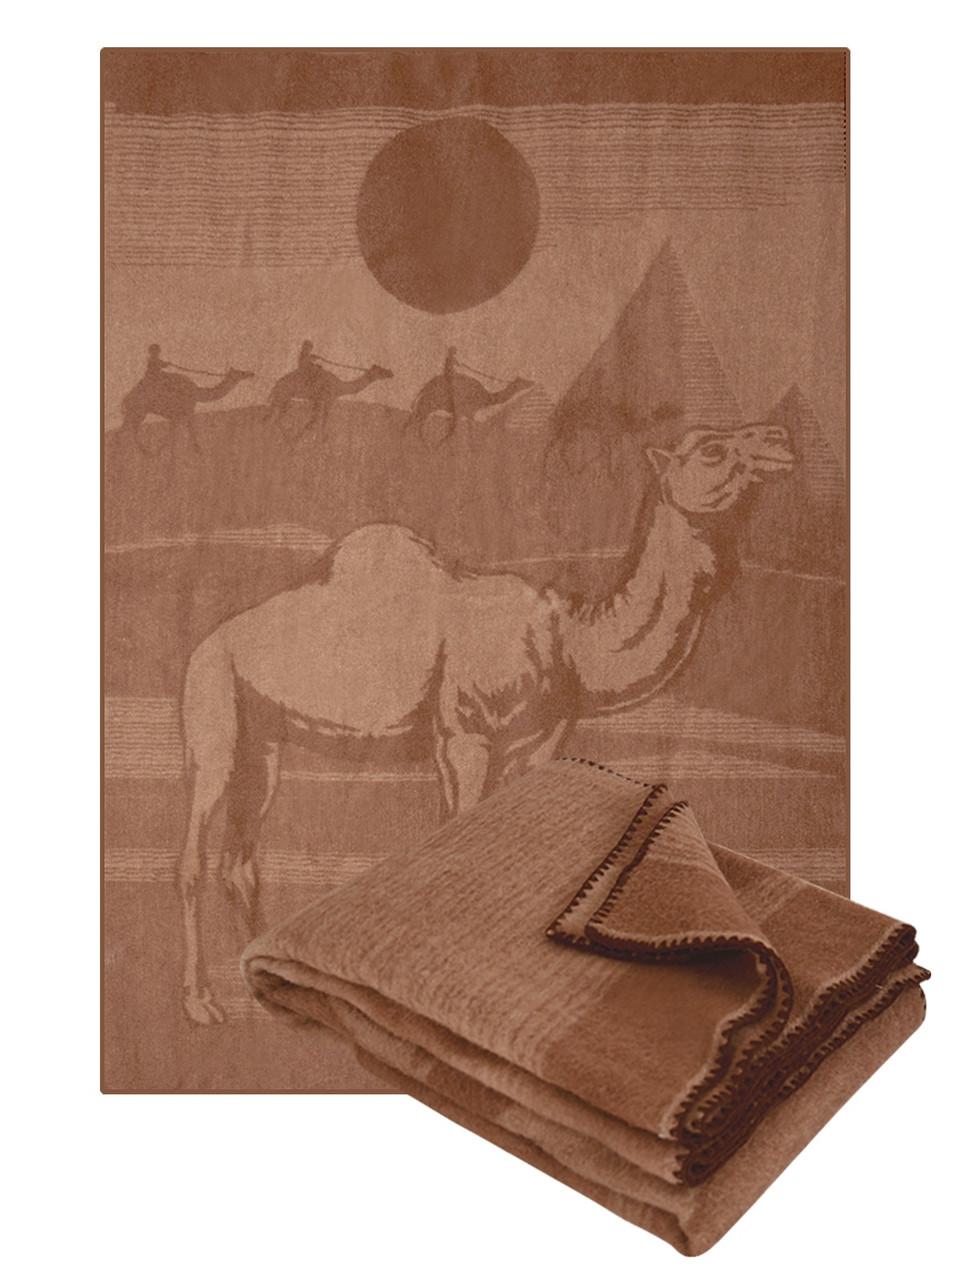 Одеяло из верблюжьей шерсти, 140х205 см ТМ Ярослав